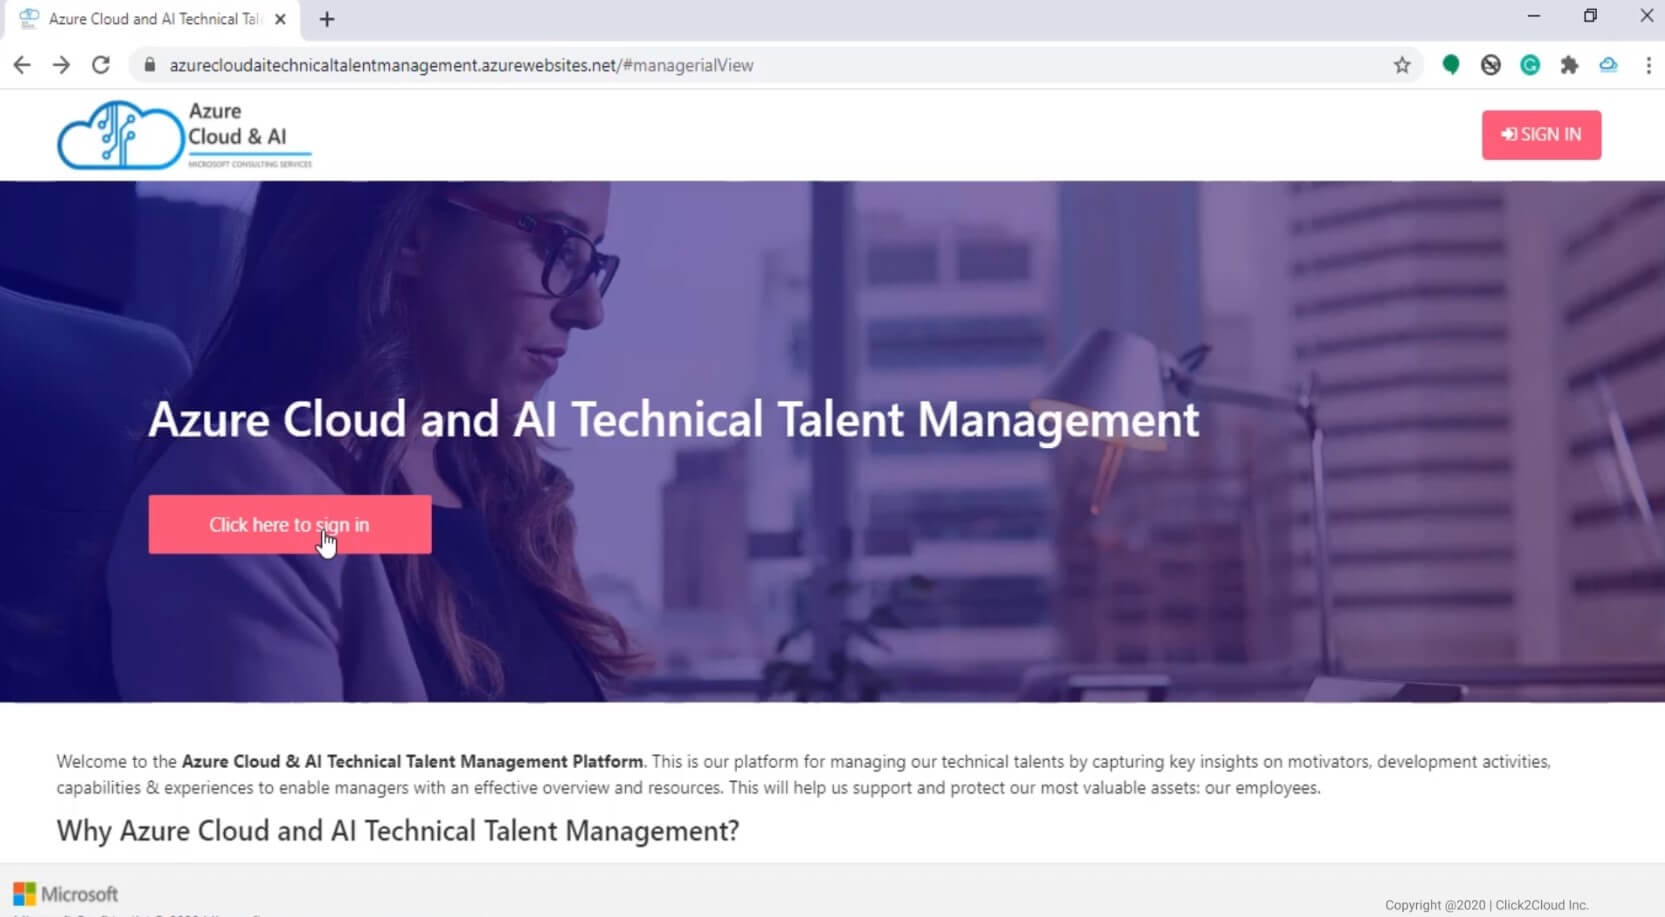 Click2cloud_Azure Cloud AI Technical Talent Management Platform_Video